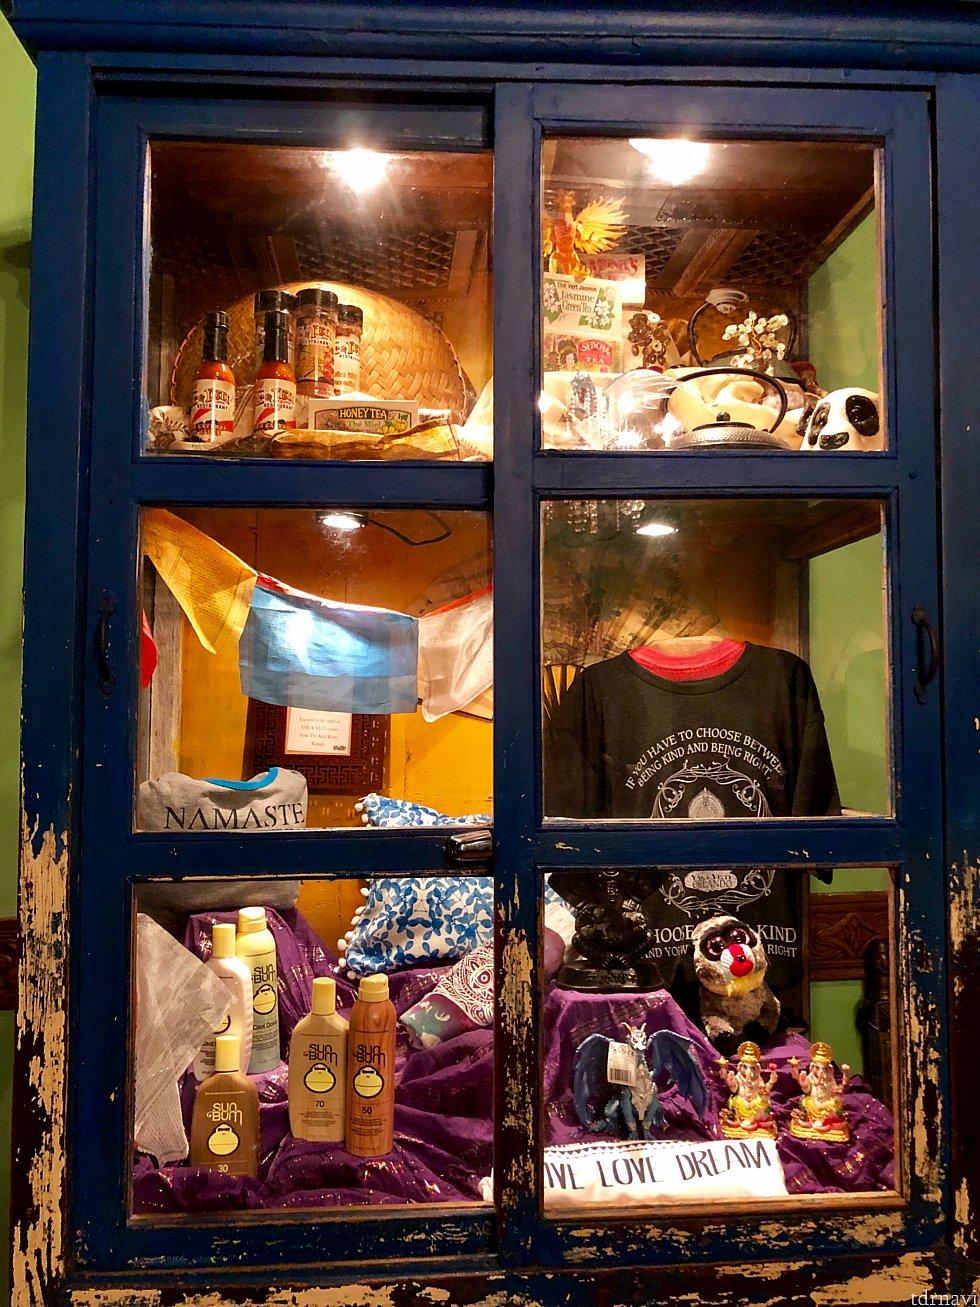 この部屋には民芸品や日焼け止めなどのお土産のディスプレイが。本当に東南アジア諸国に来ている感じになります。